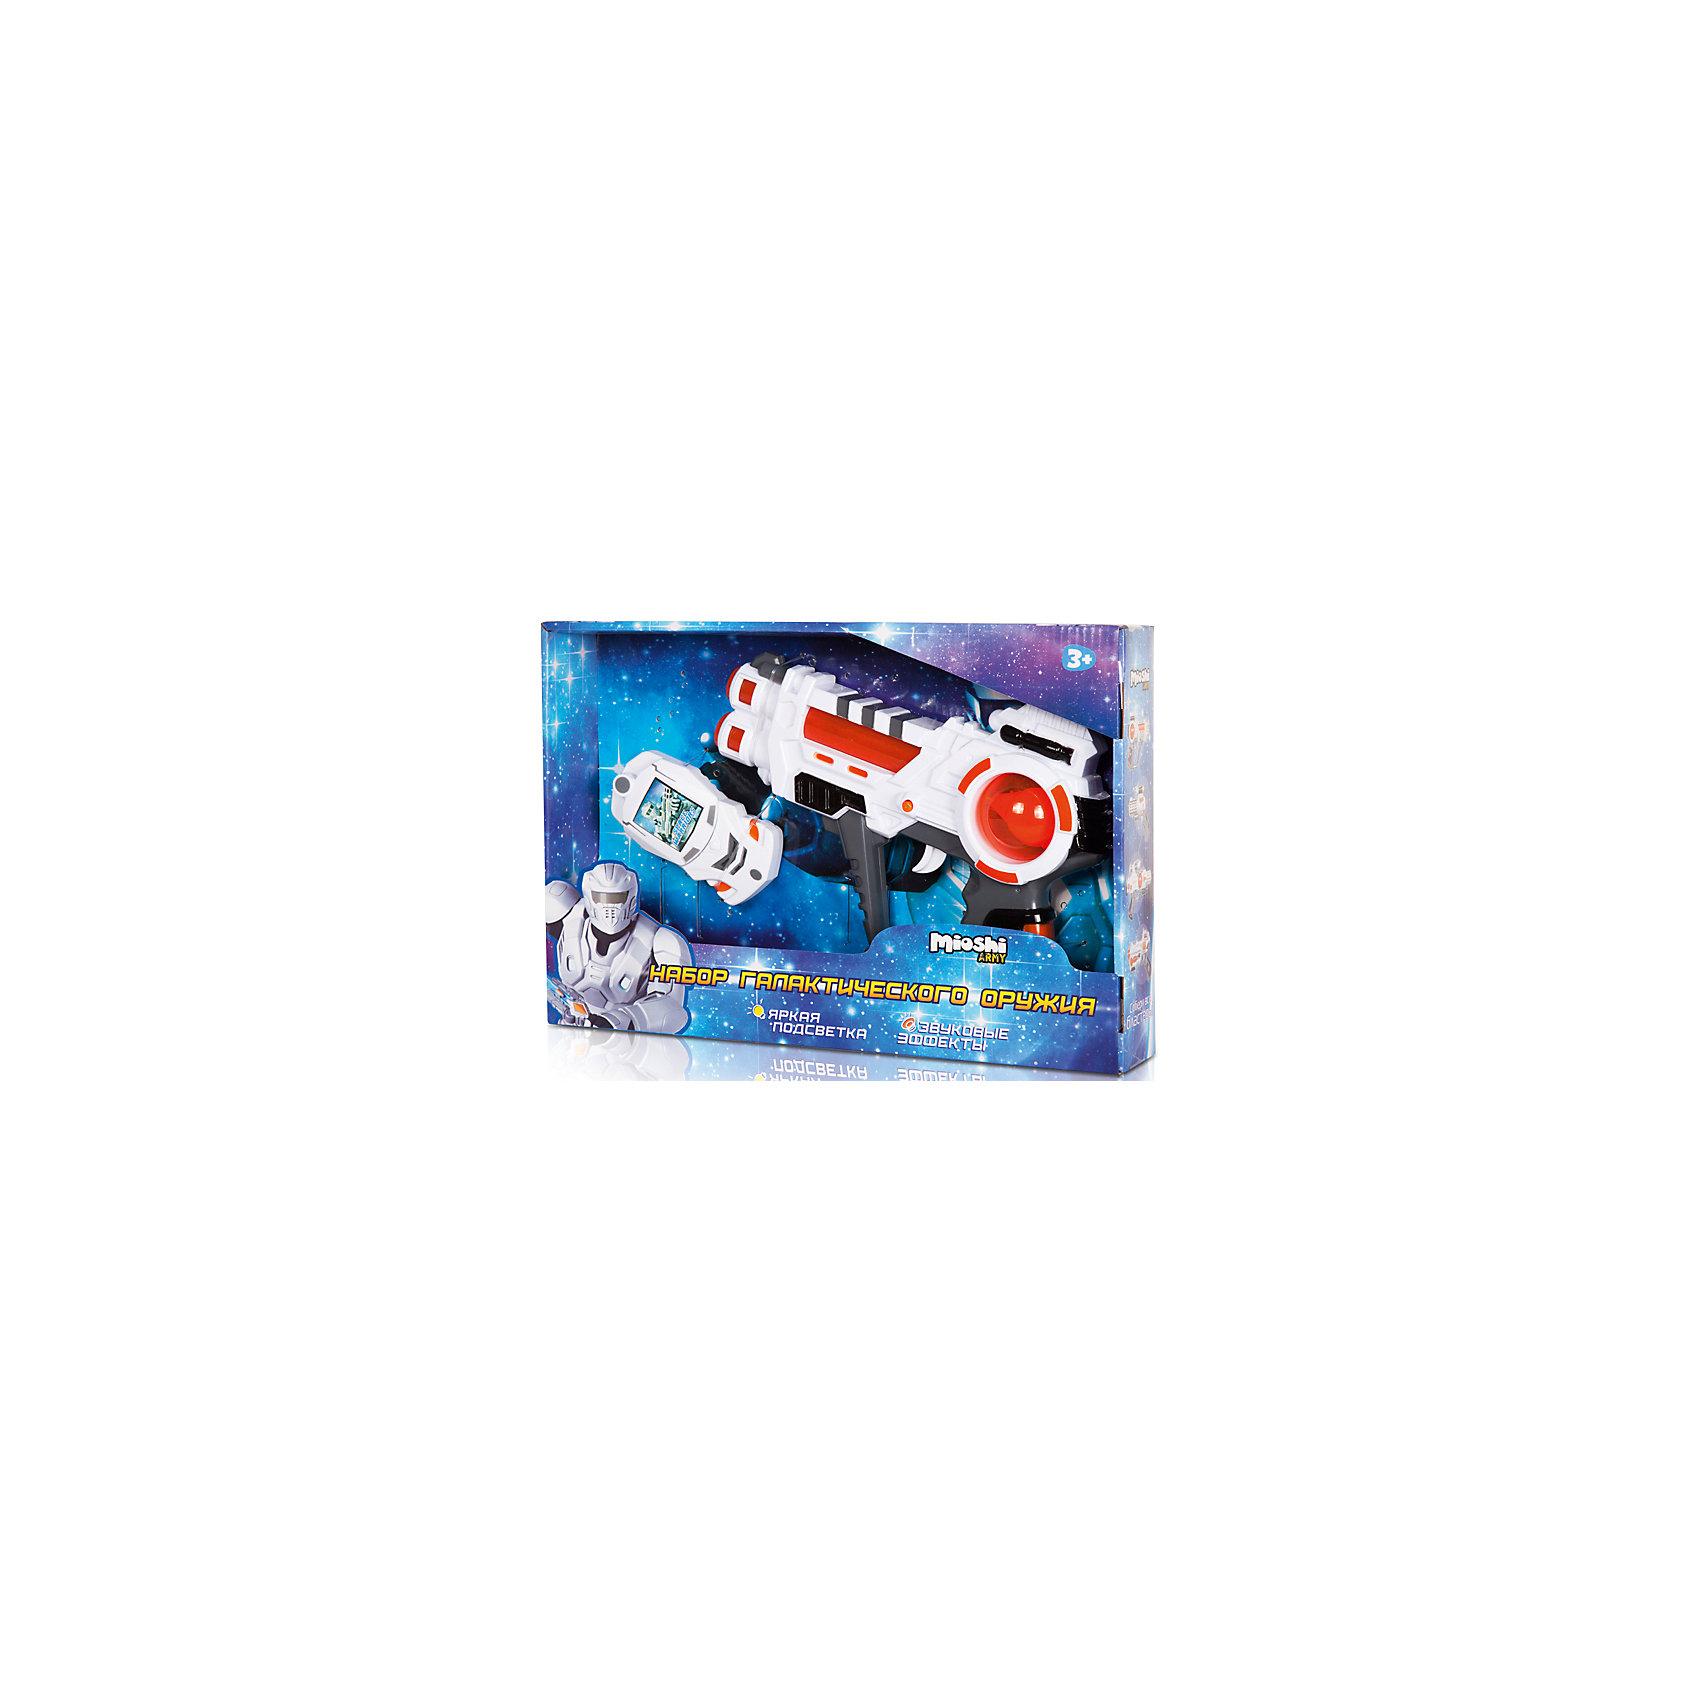 Игровой набор Освободитель, Mioshi ArmyБластеры, пистолеты и прочее<br>Характеристики товара:<br><br>• возраст от 3 лет;<br>• материал: пластик;<br>• в комплекте: бластер, передатчик;<br>• работает от 3 батареек АА (в комплект не входят);<br>• размер упаковки 33х22х5,5 см;<br>• вес упаковки 229 гр.;<br>• страна производитель: Китай.<br><br>Игровой набор «Освободитель» Mioshi Army позволит мальчишкам отправится в космические приключения для освобождения Вселенной от захватчиков. Бластер оснащен световыми и звуковыми эффектами, которые делают игру еще увлекательней. <br><br>Игровой набор «Освободитель» Mioshi Army можно приобрести в нашем интернет-магазине.<br><br>Ширина мм: 330<br>Глубина мм: 220<br>Высота мм: 55<br>Вес г: 229<br>Возраст от месяцев: 36<br>Возраст до месяцев: 72<br>Пол: Мужской<br>Возраст: Детский<br>SKU: 5581234